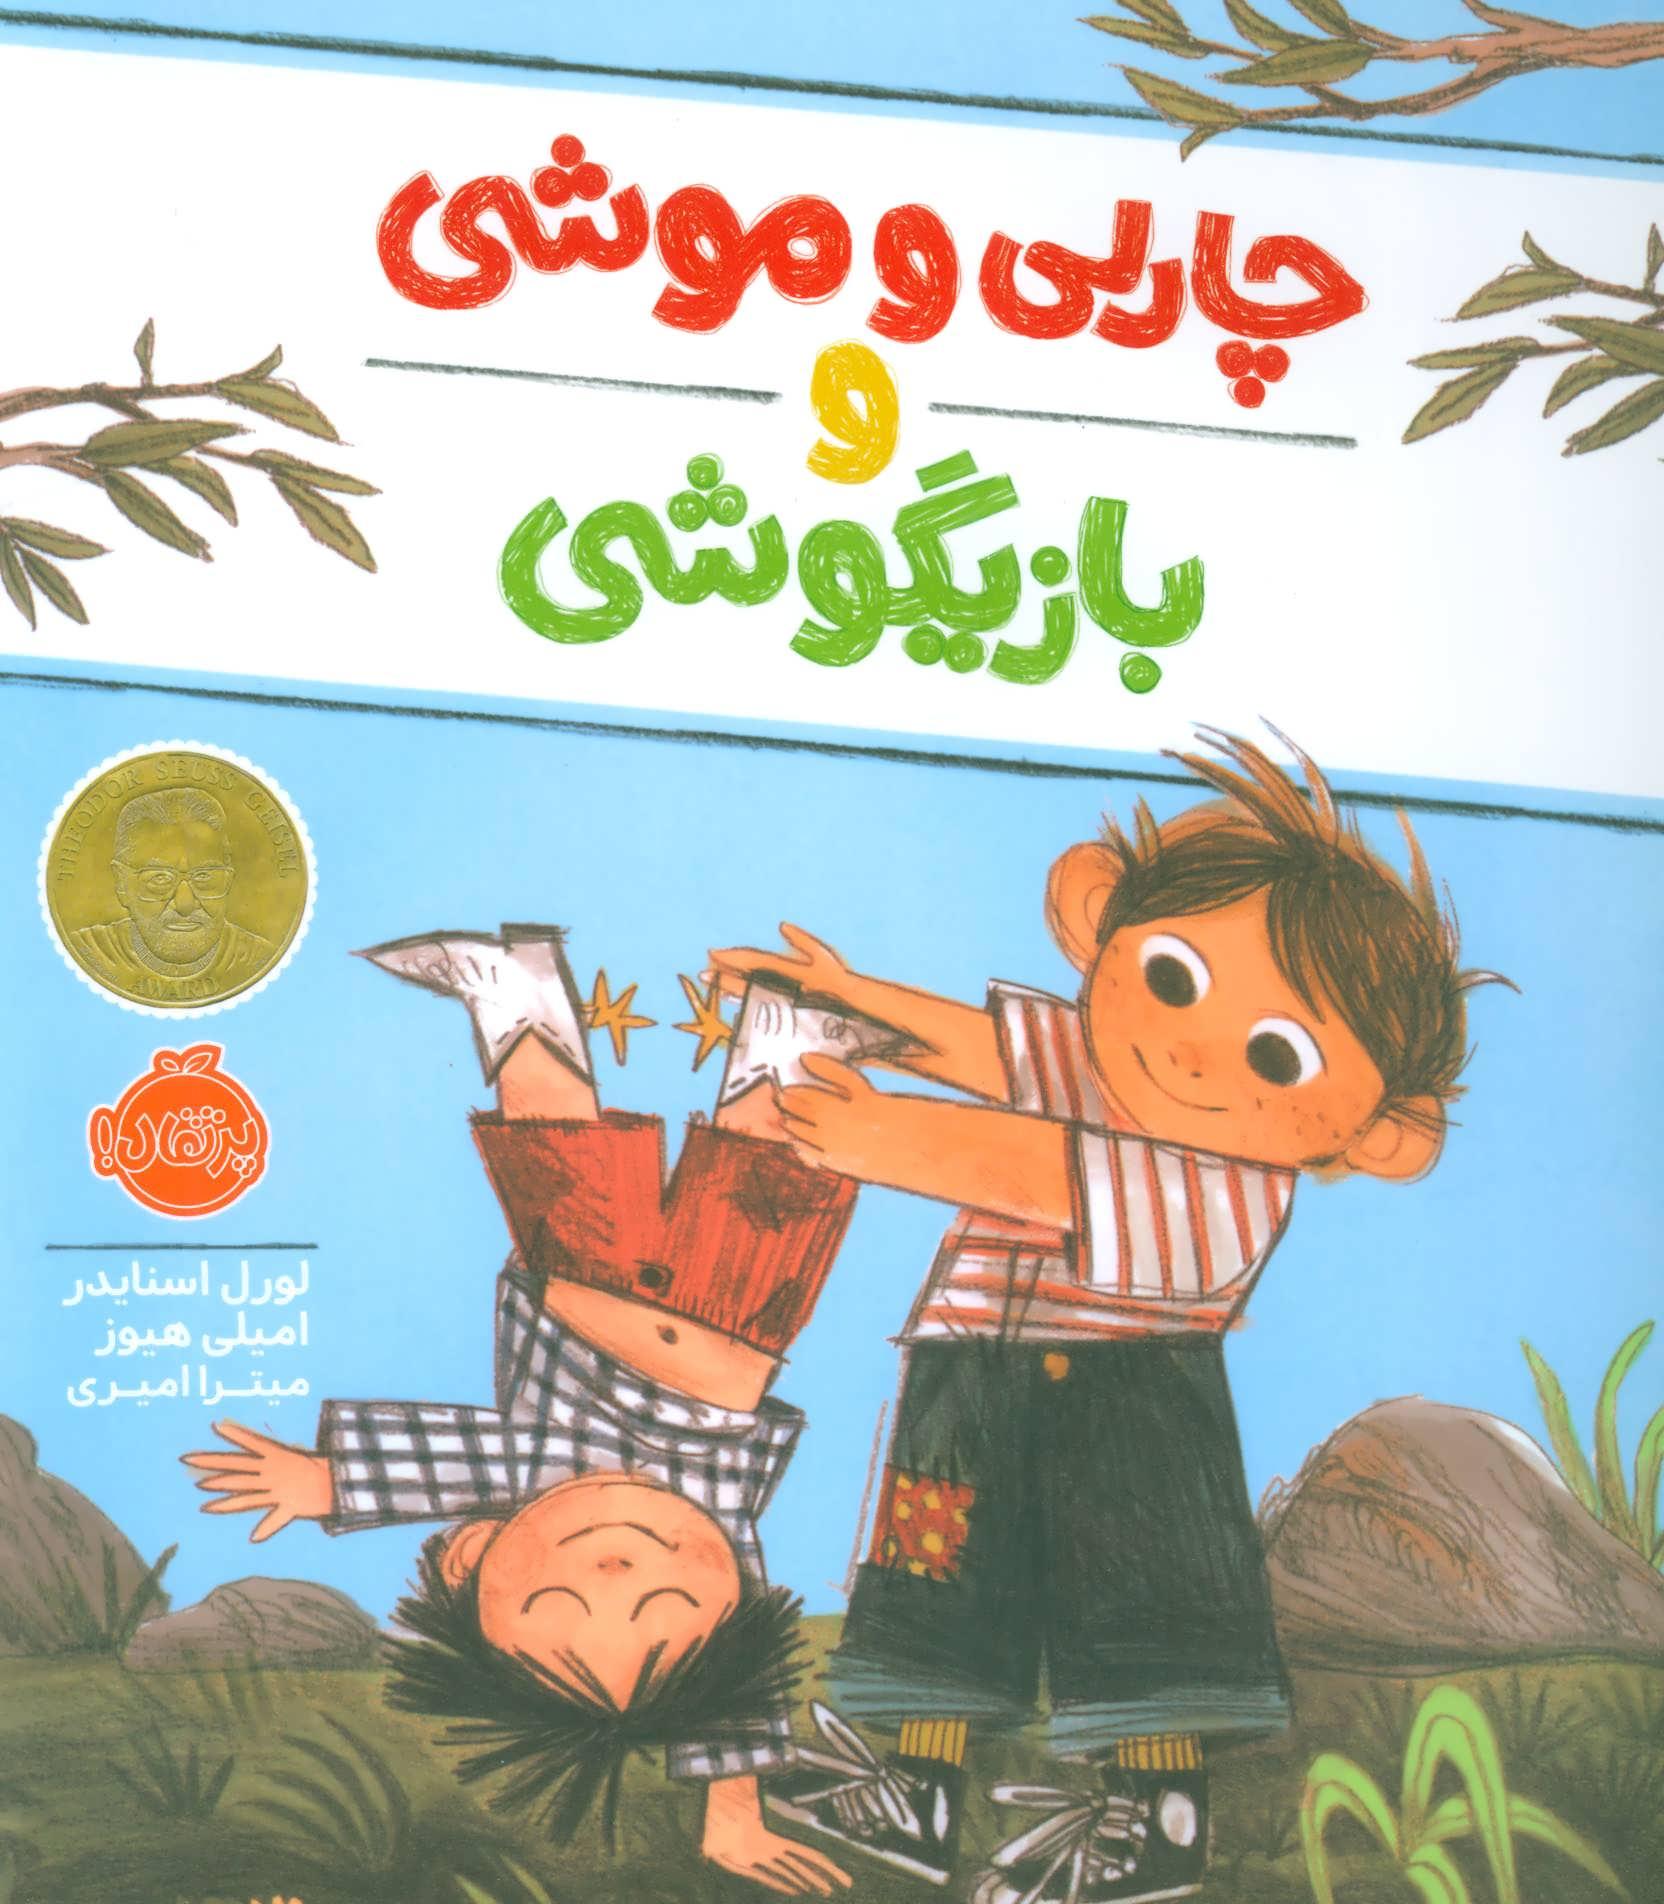 کتاب چارلی موشی و بازیگوشی